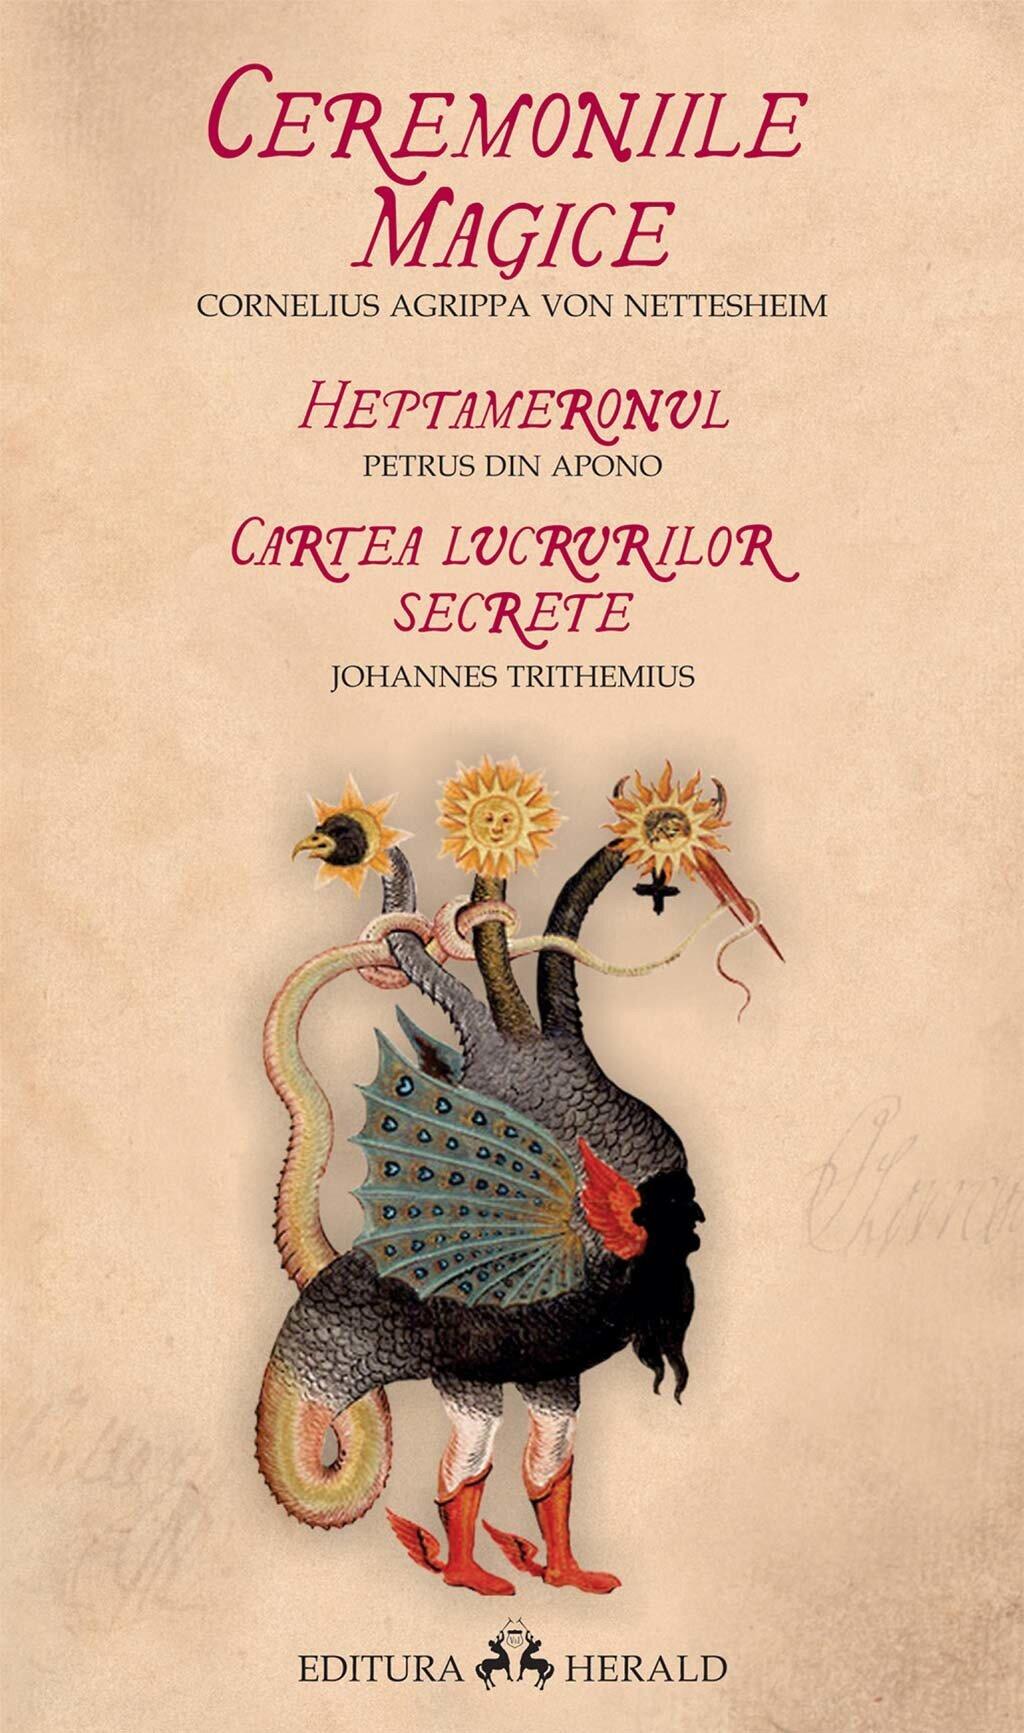 Ceremoniile magice. Heptameronul. Cartea lucrurilor secrete (eBook)